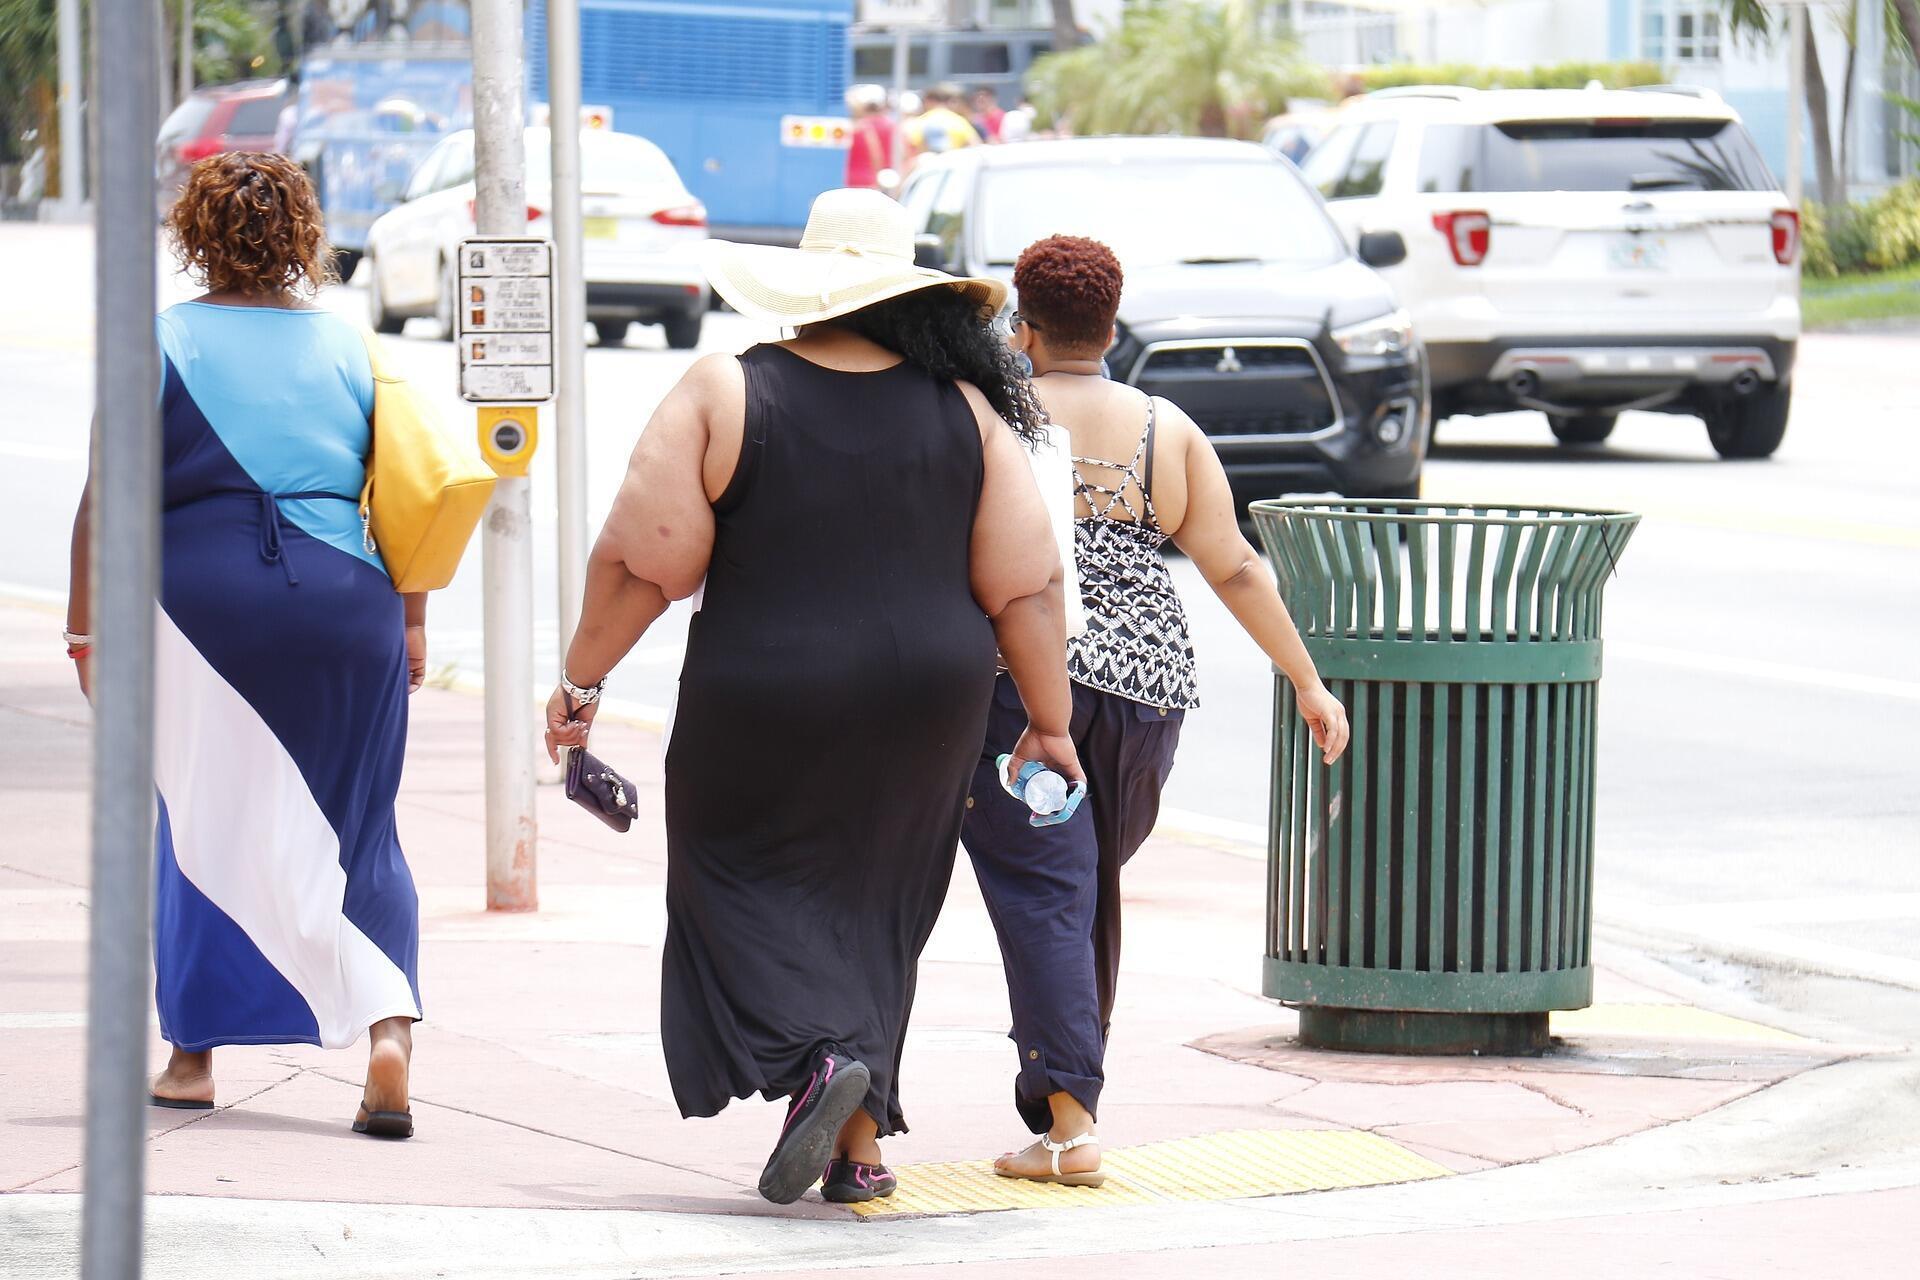 Obesidade se transformou em problema de saúde pública.